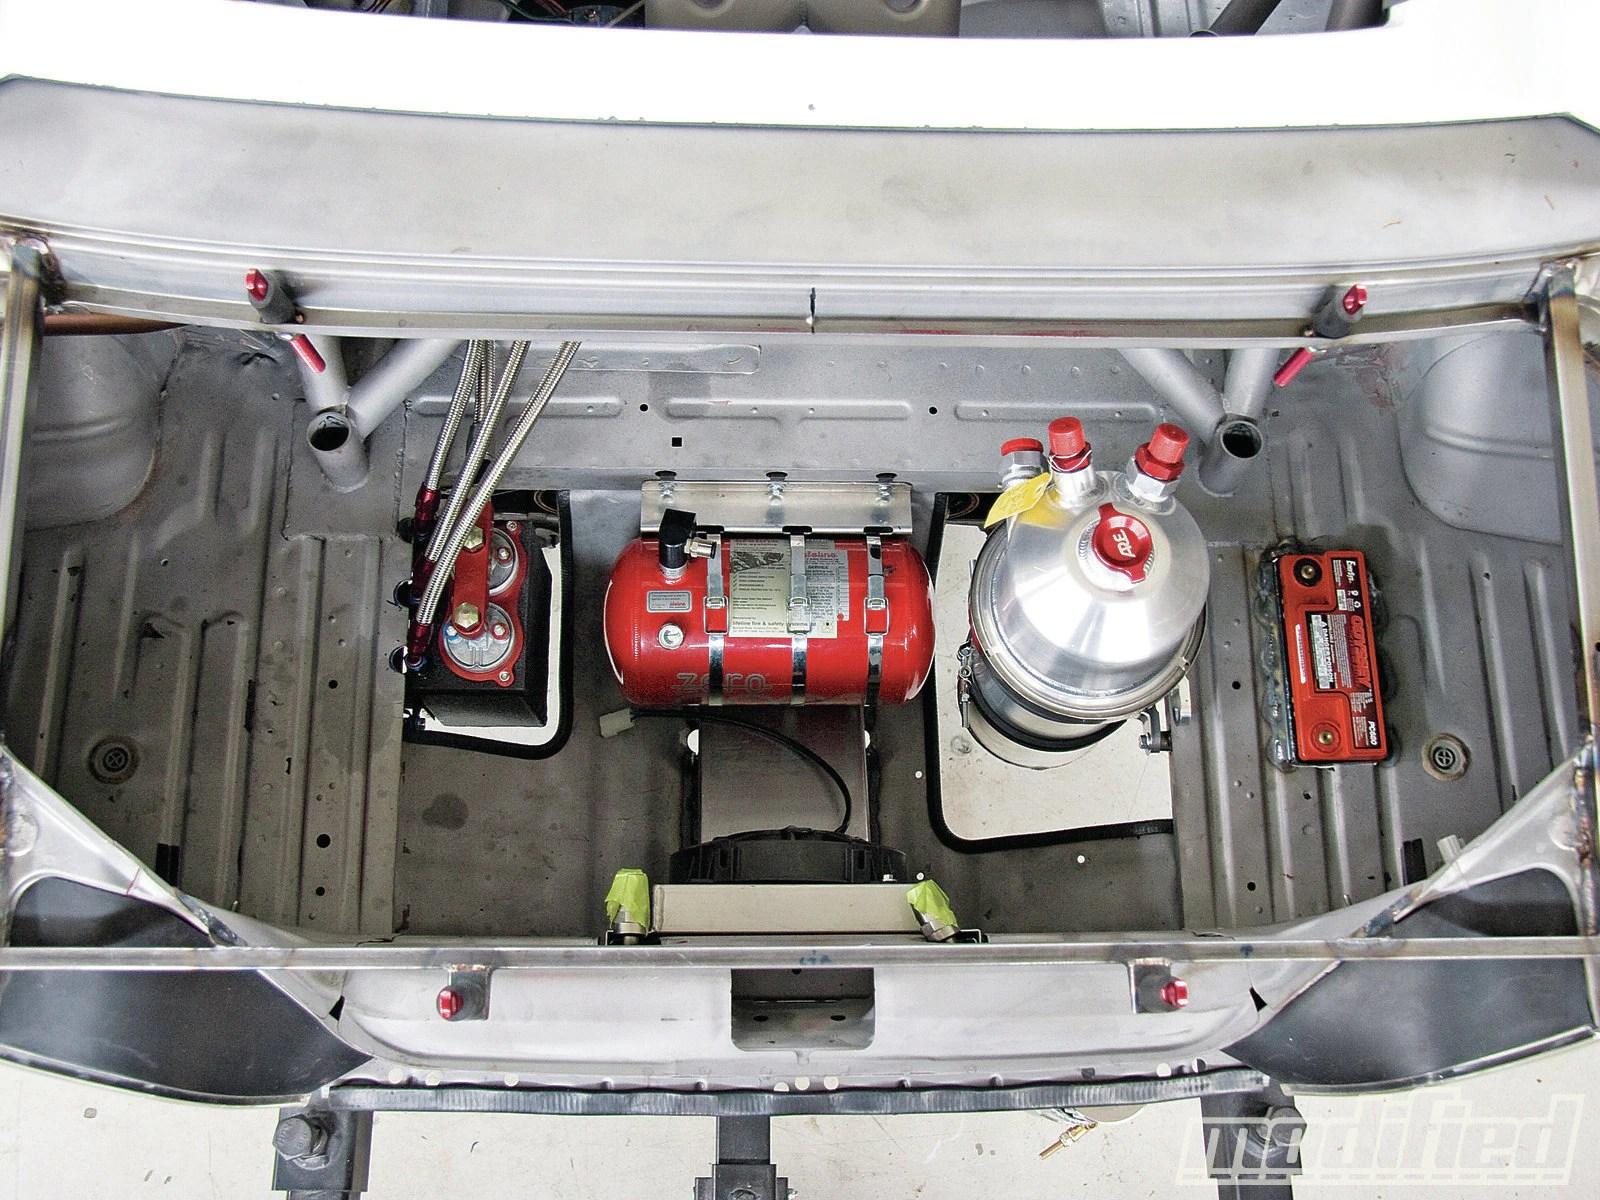 medium resolution of 2000 honda s2000 custom fuel system assembly project s2000modp 1203 01 2000 honda s2000 cover